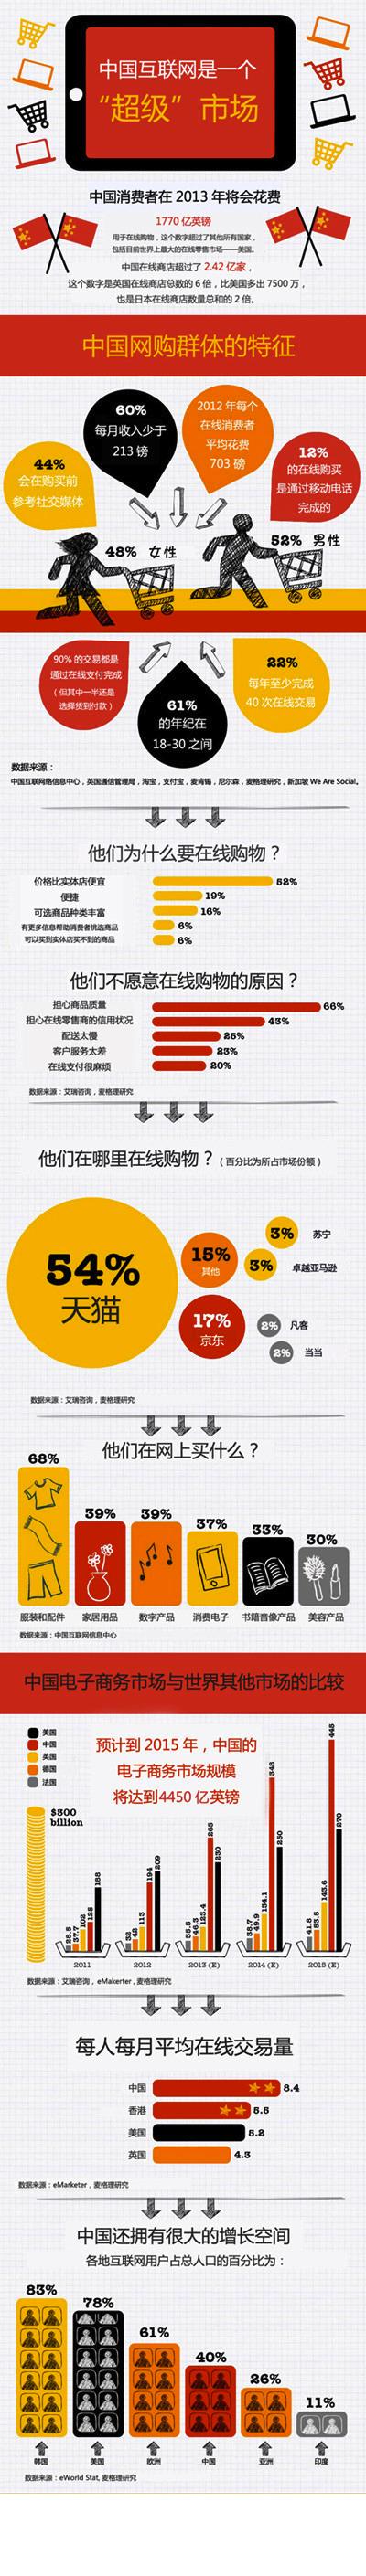 中国电子商务市场